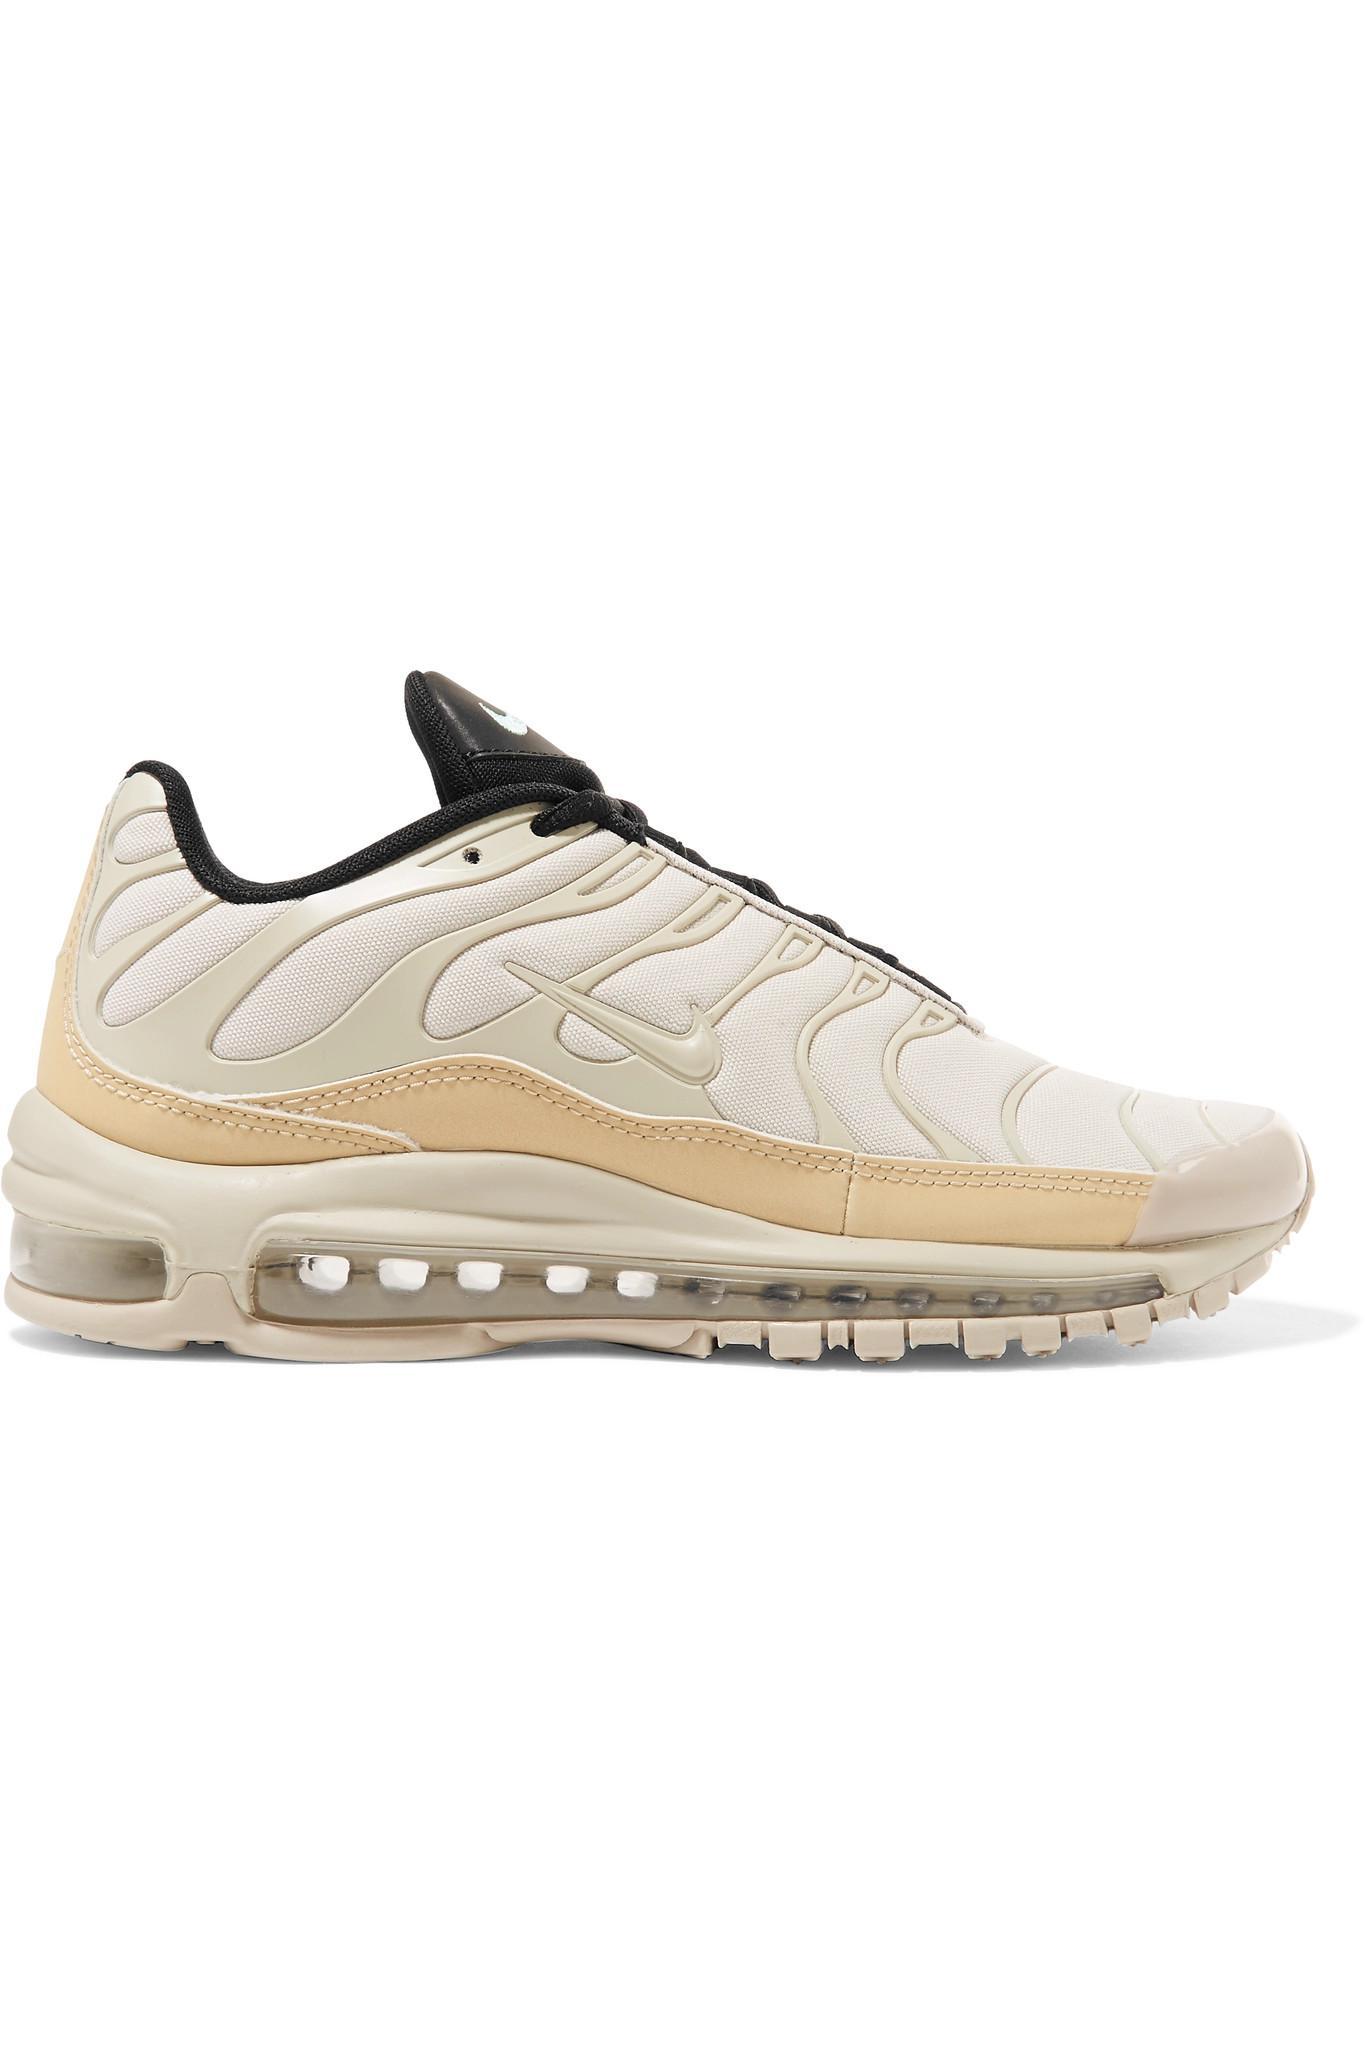 0c9acb20a2fd13 Nike. Women s Natural Air Max 97 Plus Neoprene